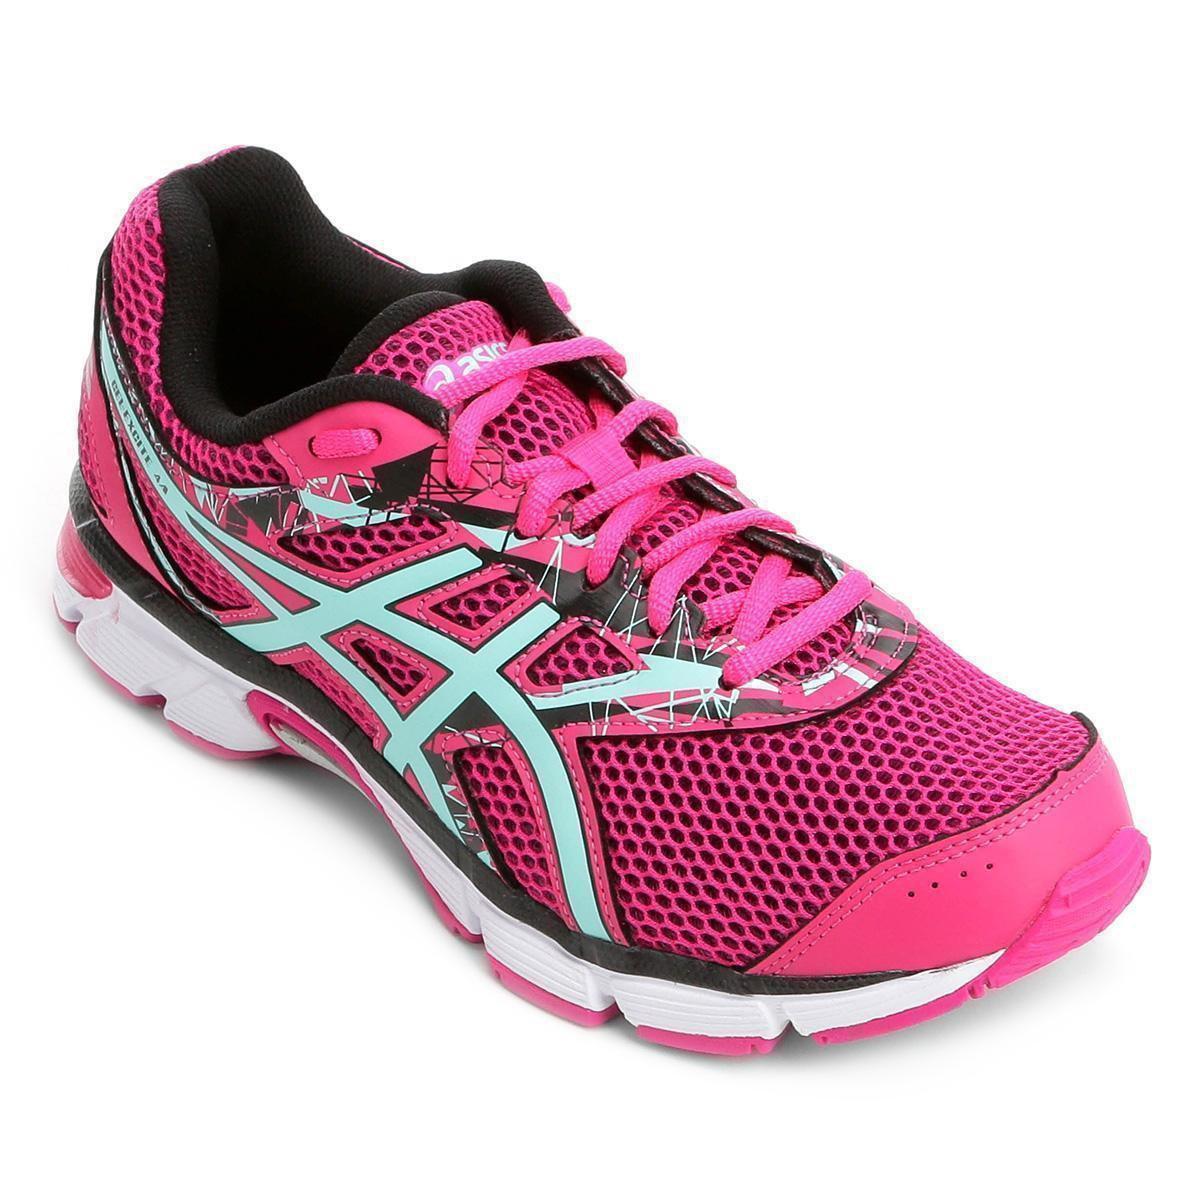 Tênis Asics GEL Excite 4 Feminino - Rosa - Compre Agora  b0a1b64719e82